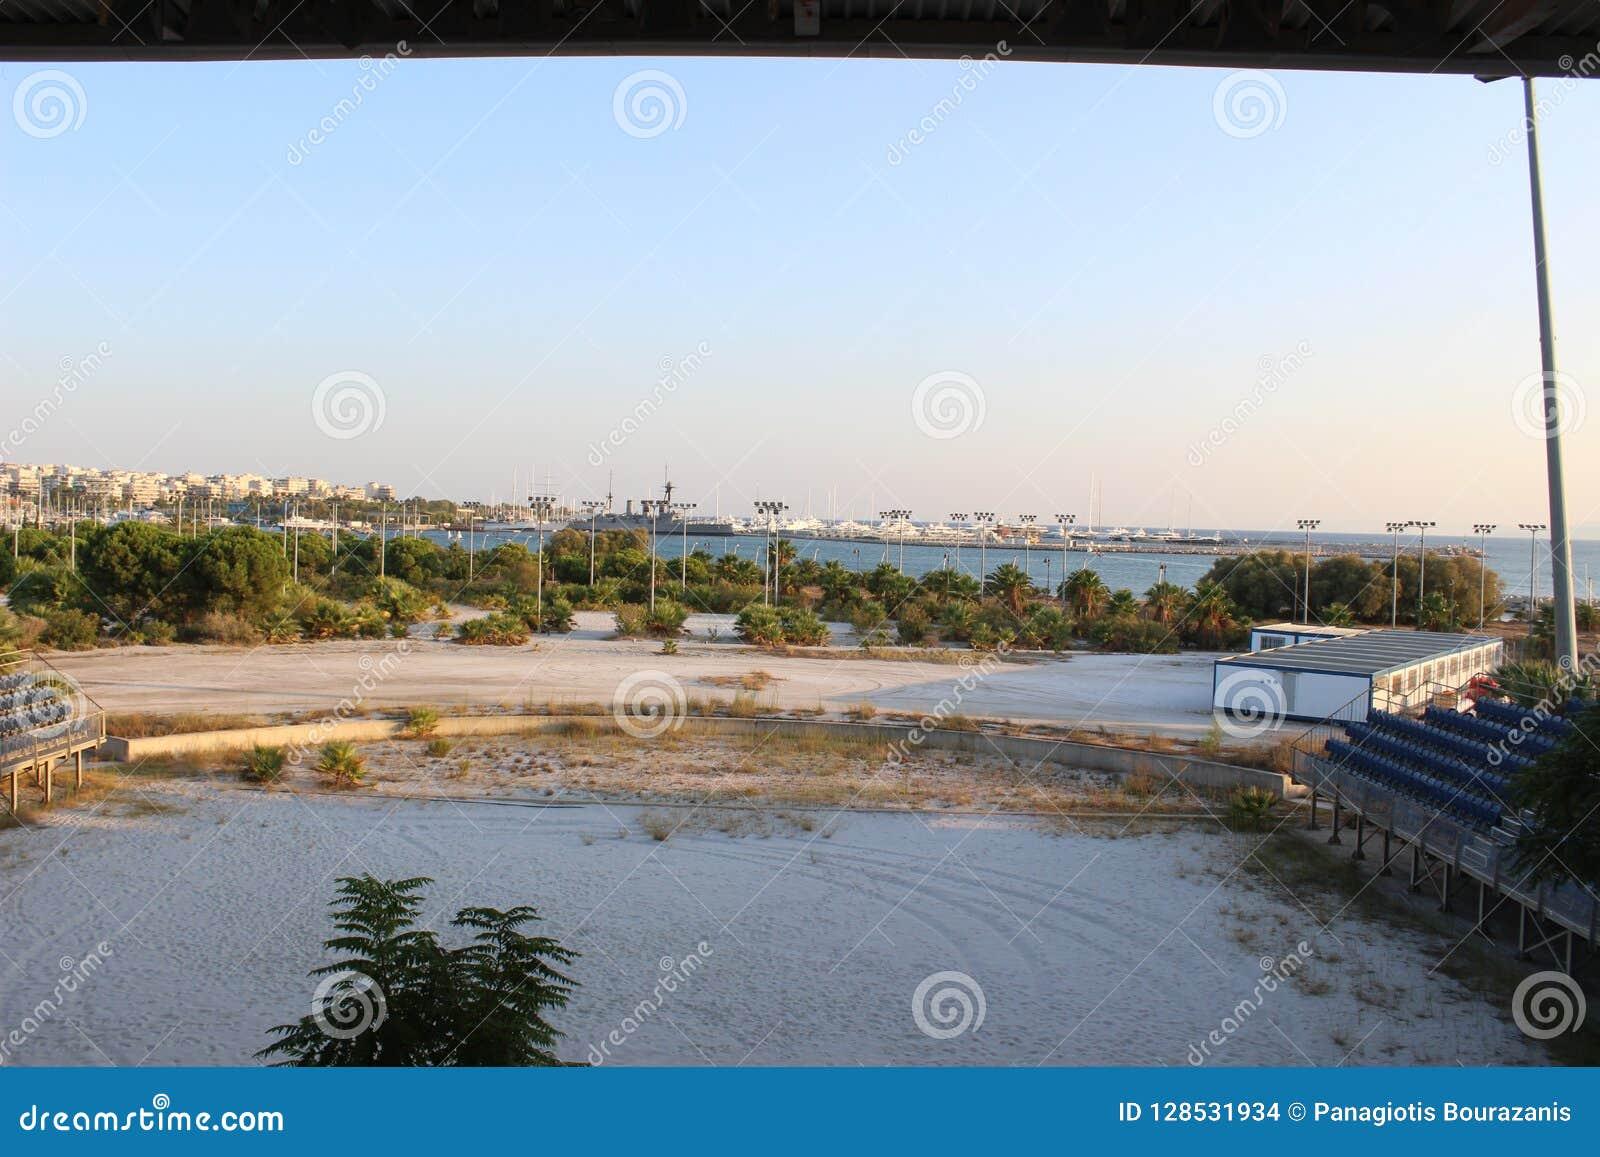 Faliro Plażowej siatkówki Olimpijski Centre - Faliro Nabrzeżnej strefy Olimpijski kompleks 14 roku po lato olimpiad Ateny 2004